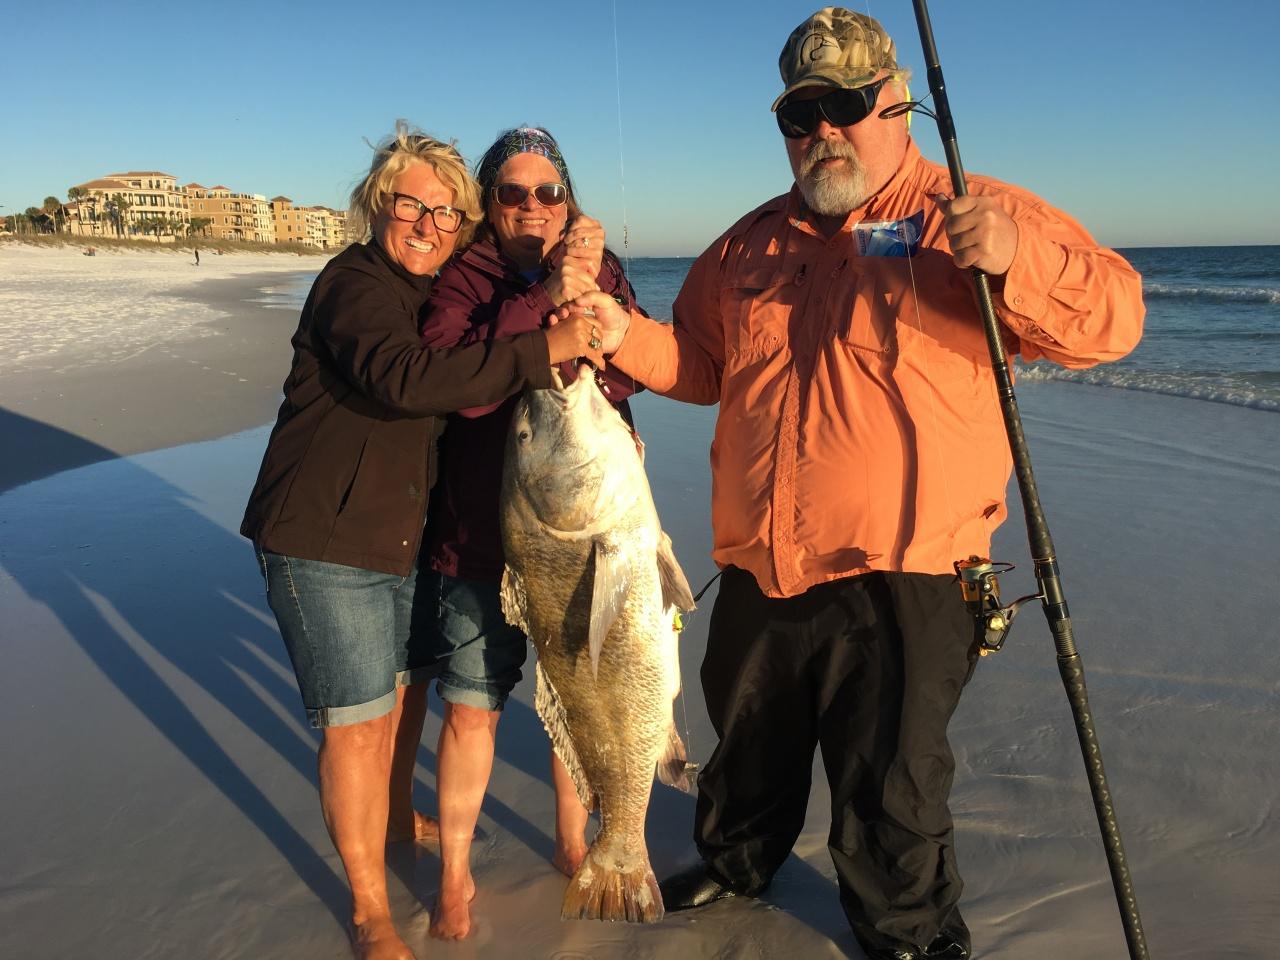 Some fish-84e35bb4-9f7b-453d-af10-cba8c7a96571-jpg